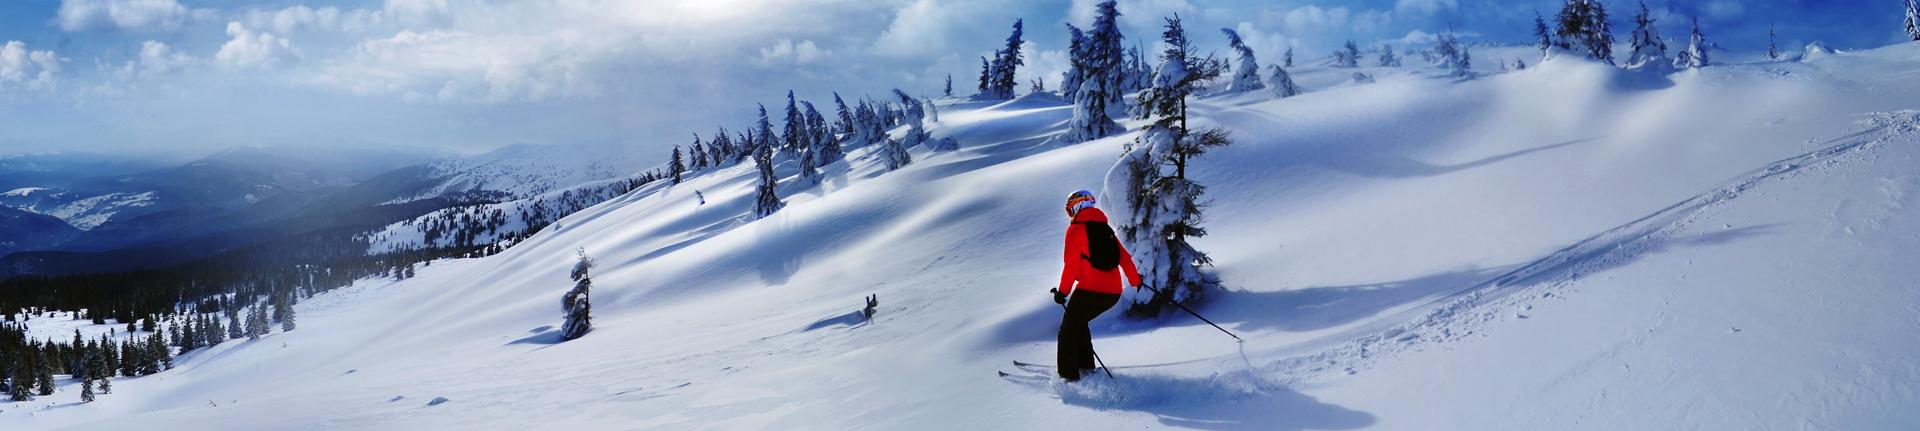 Lugares para esquiar na América do Sul